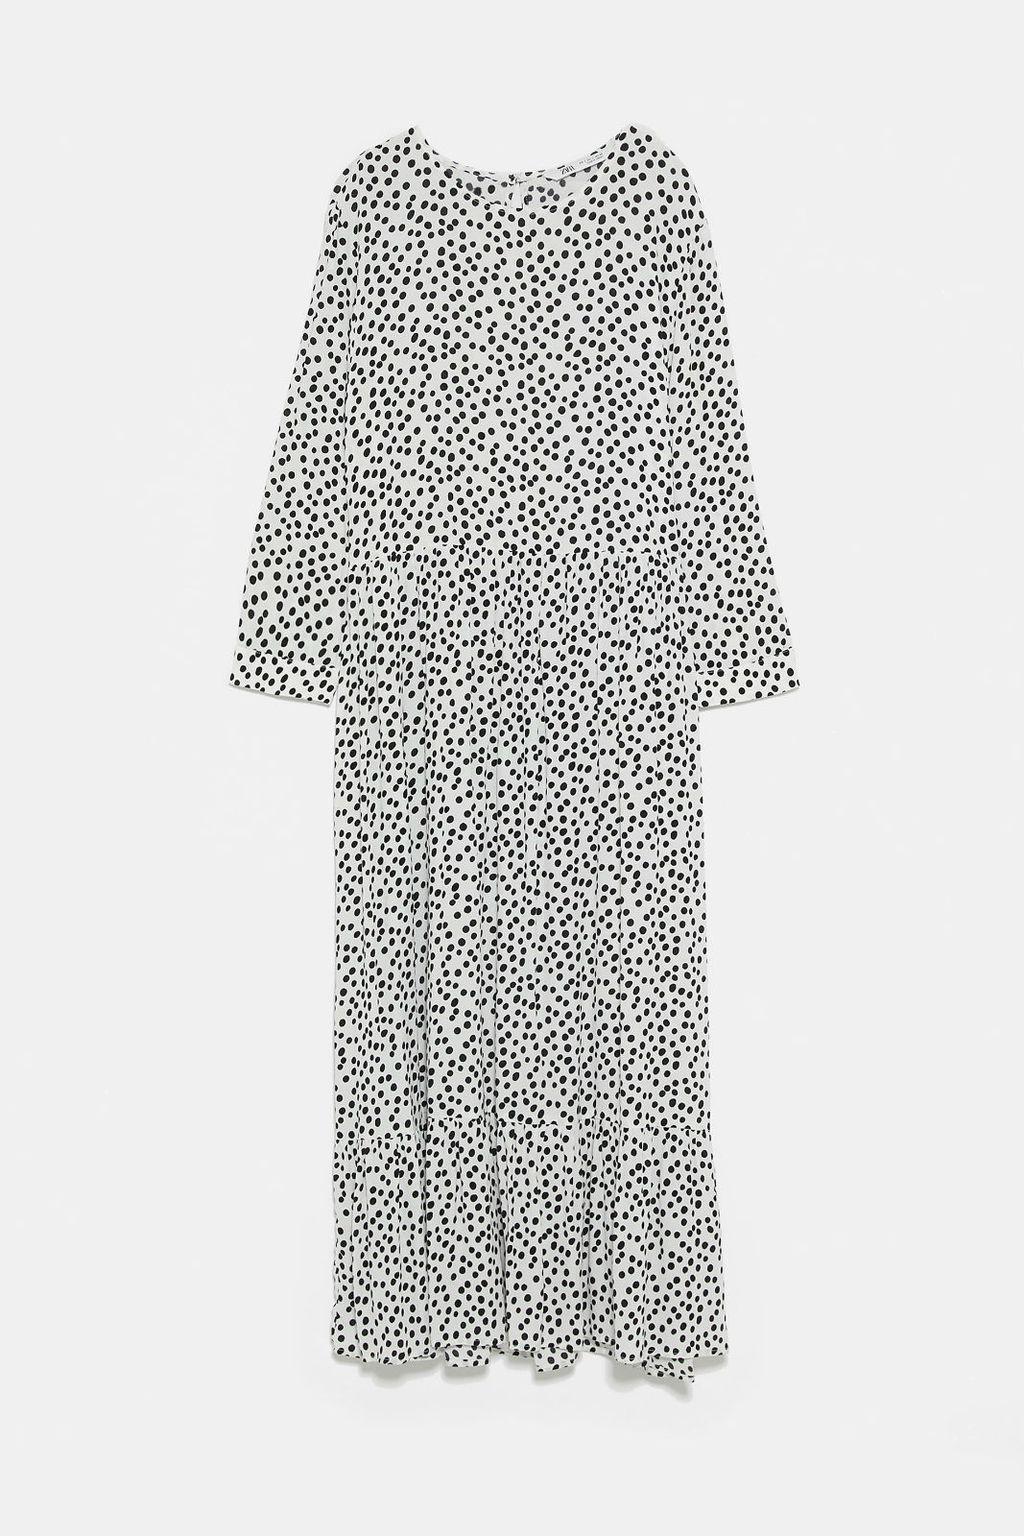 Zara, 299 kn